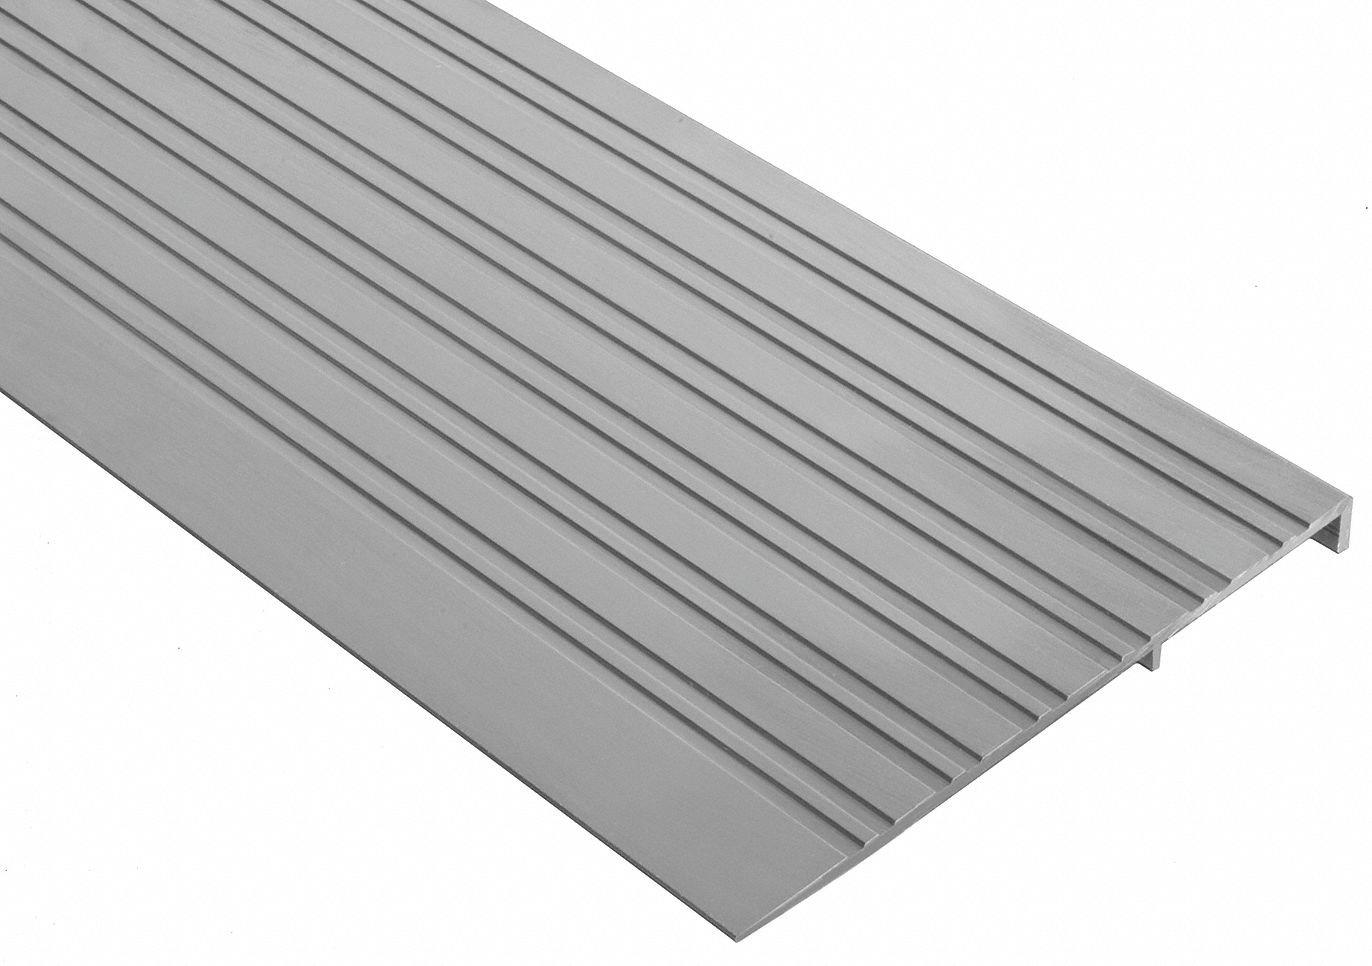 ADA Ramp,Aluminum, 6 x 48 In